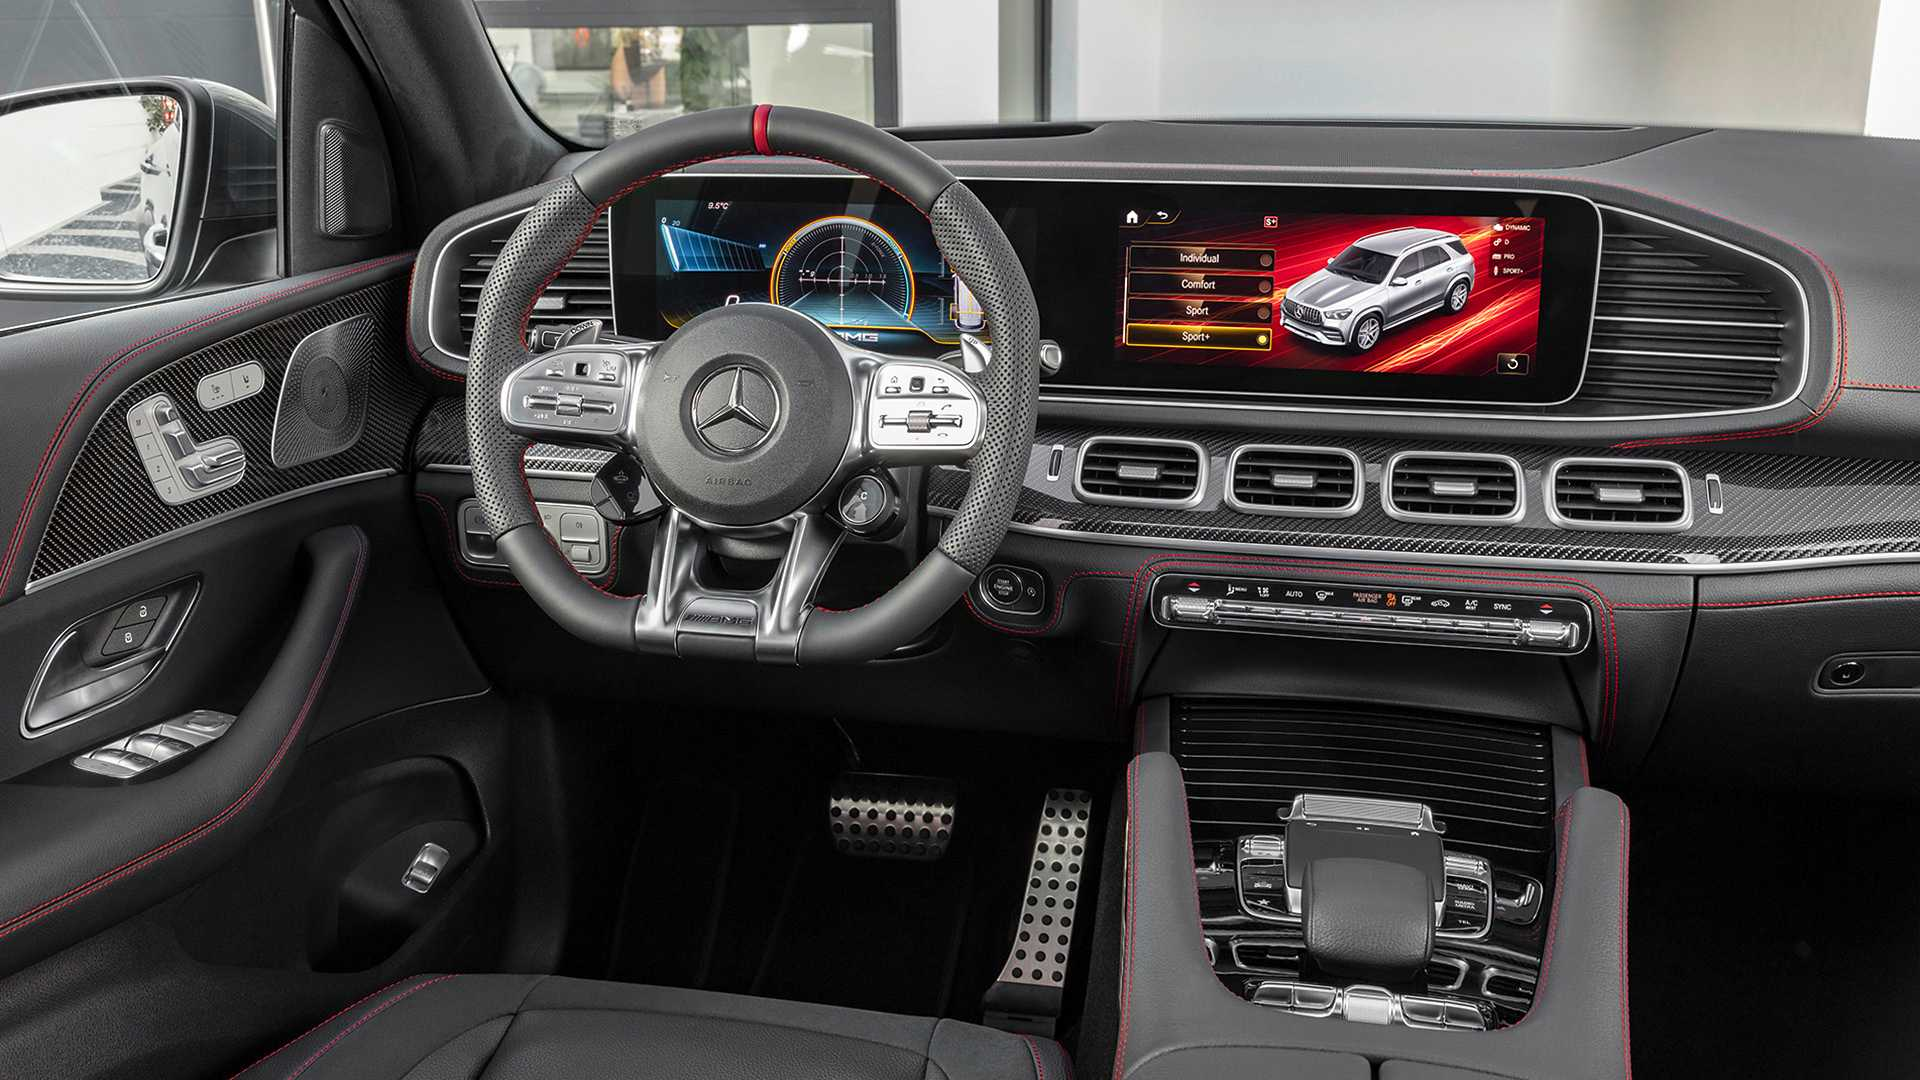 مرسيدس-بنز GLE 53 AMG الجديدة